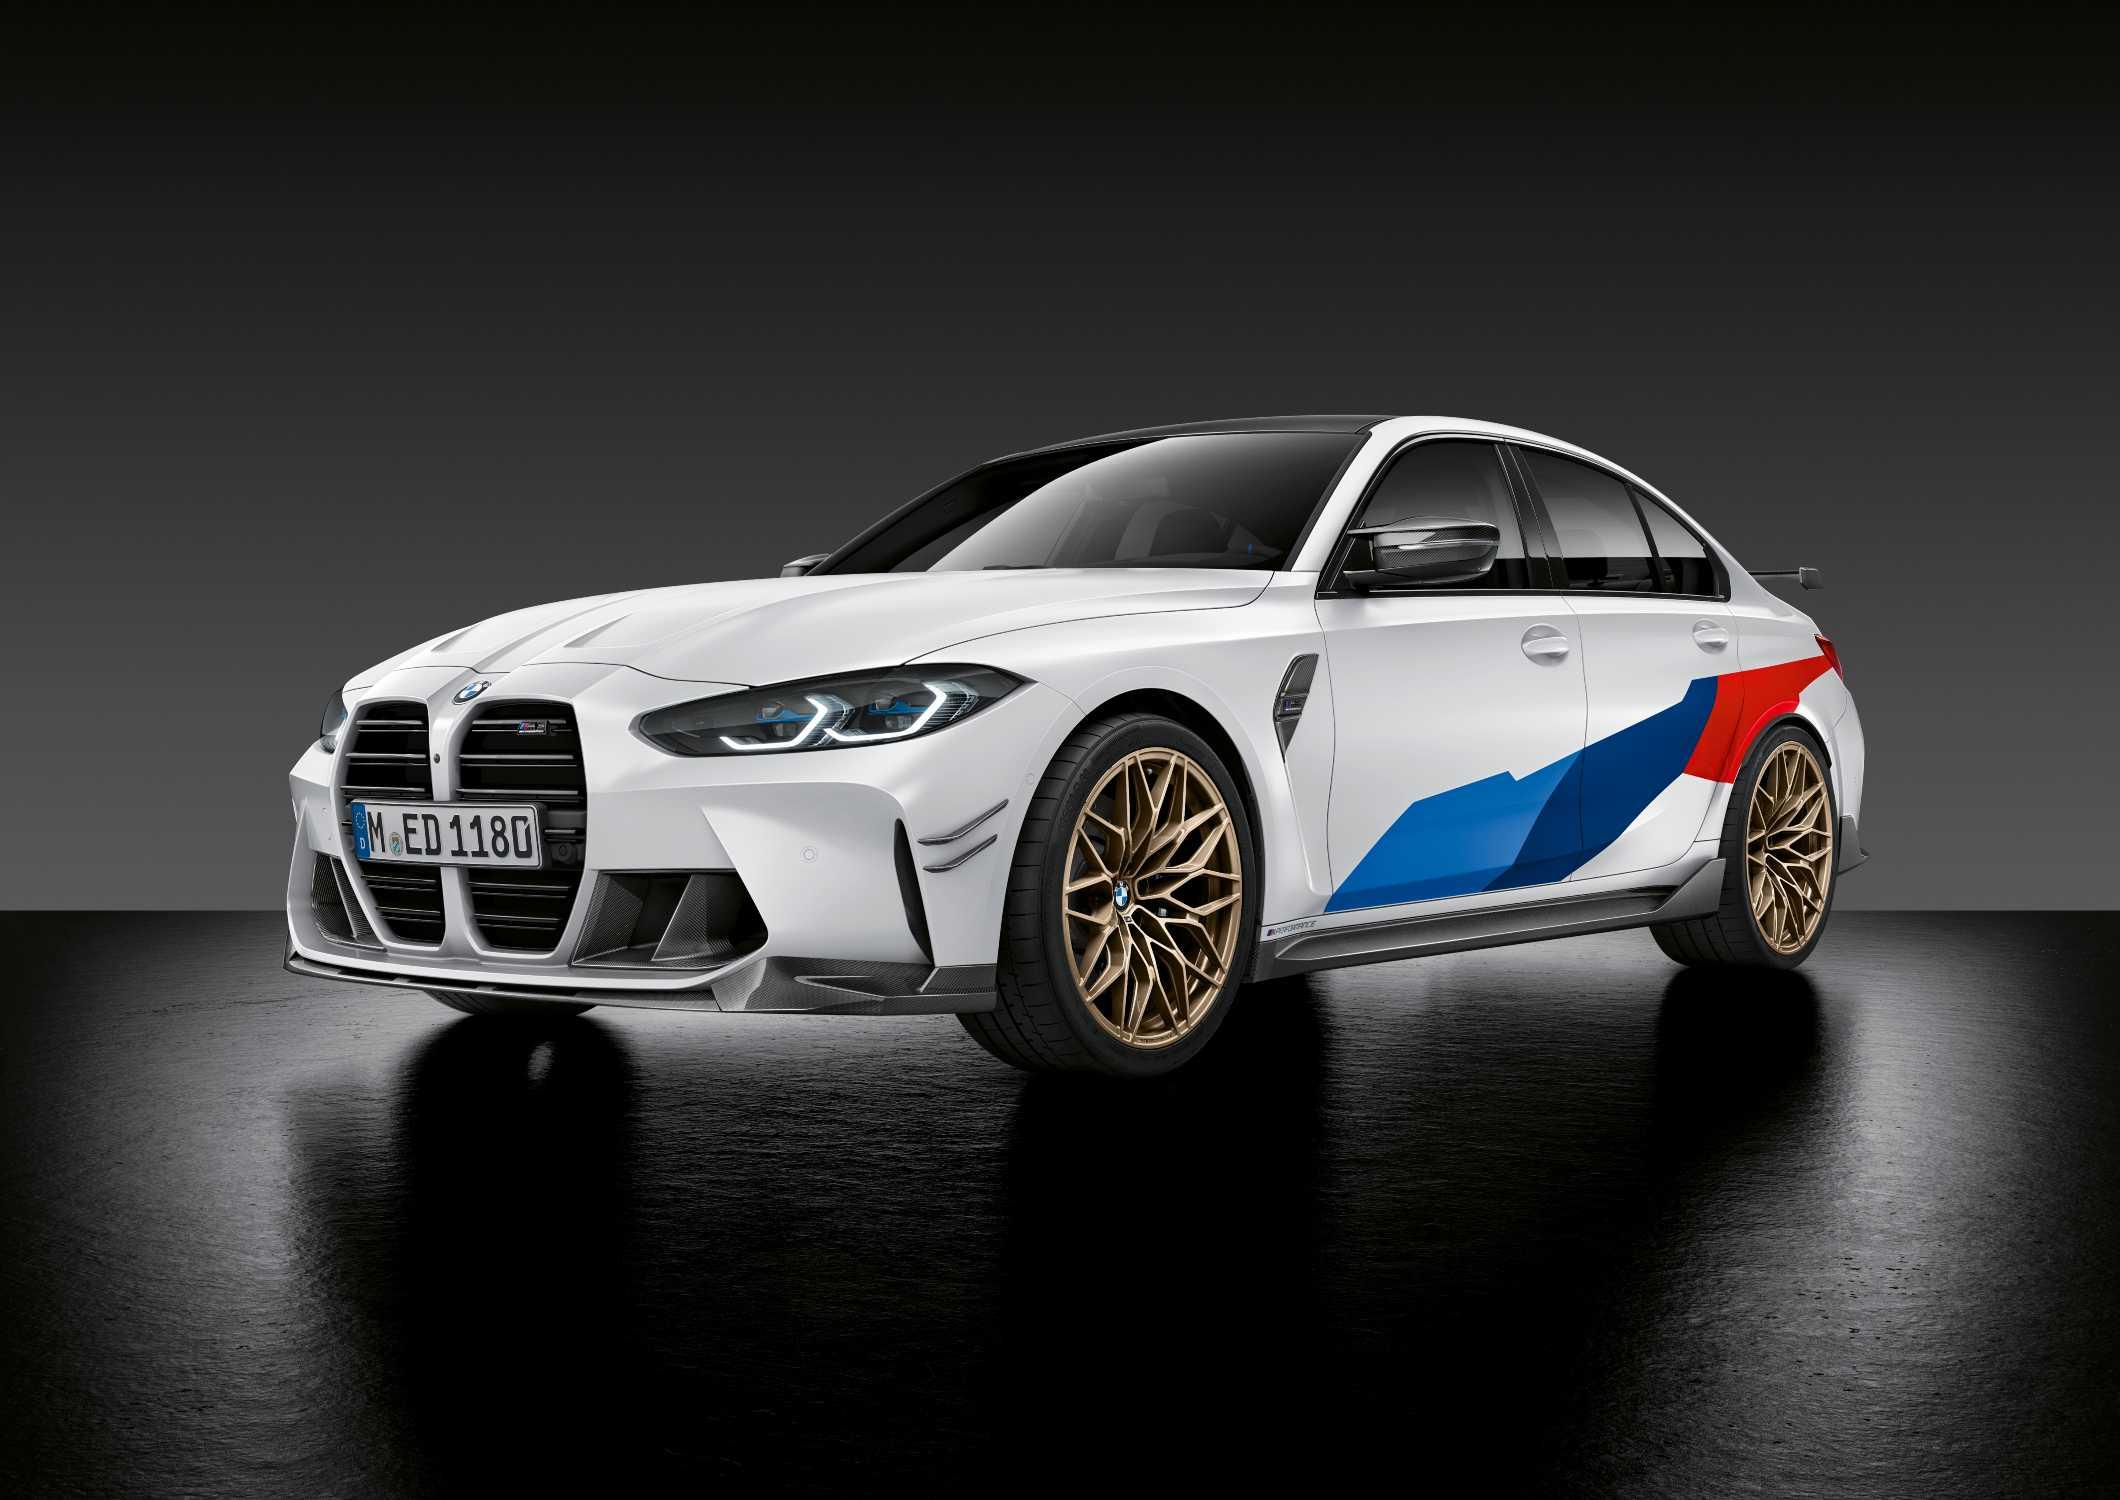 Breites Angebot An M Performance Parts Bereits Zum Marktstart Der Neuen Bmw M3 Limousine Und Des Neuen Bmw M4 Coupé